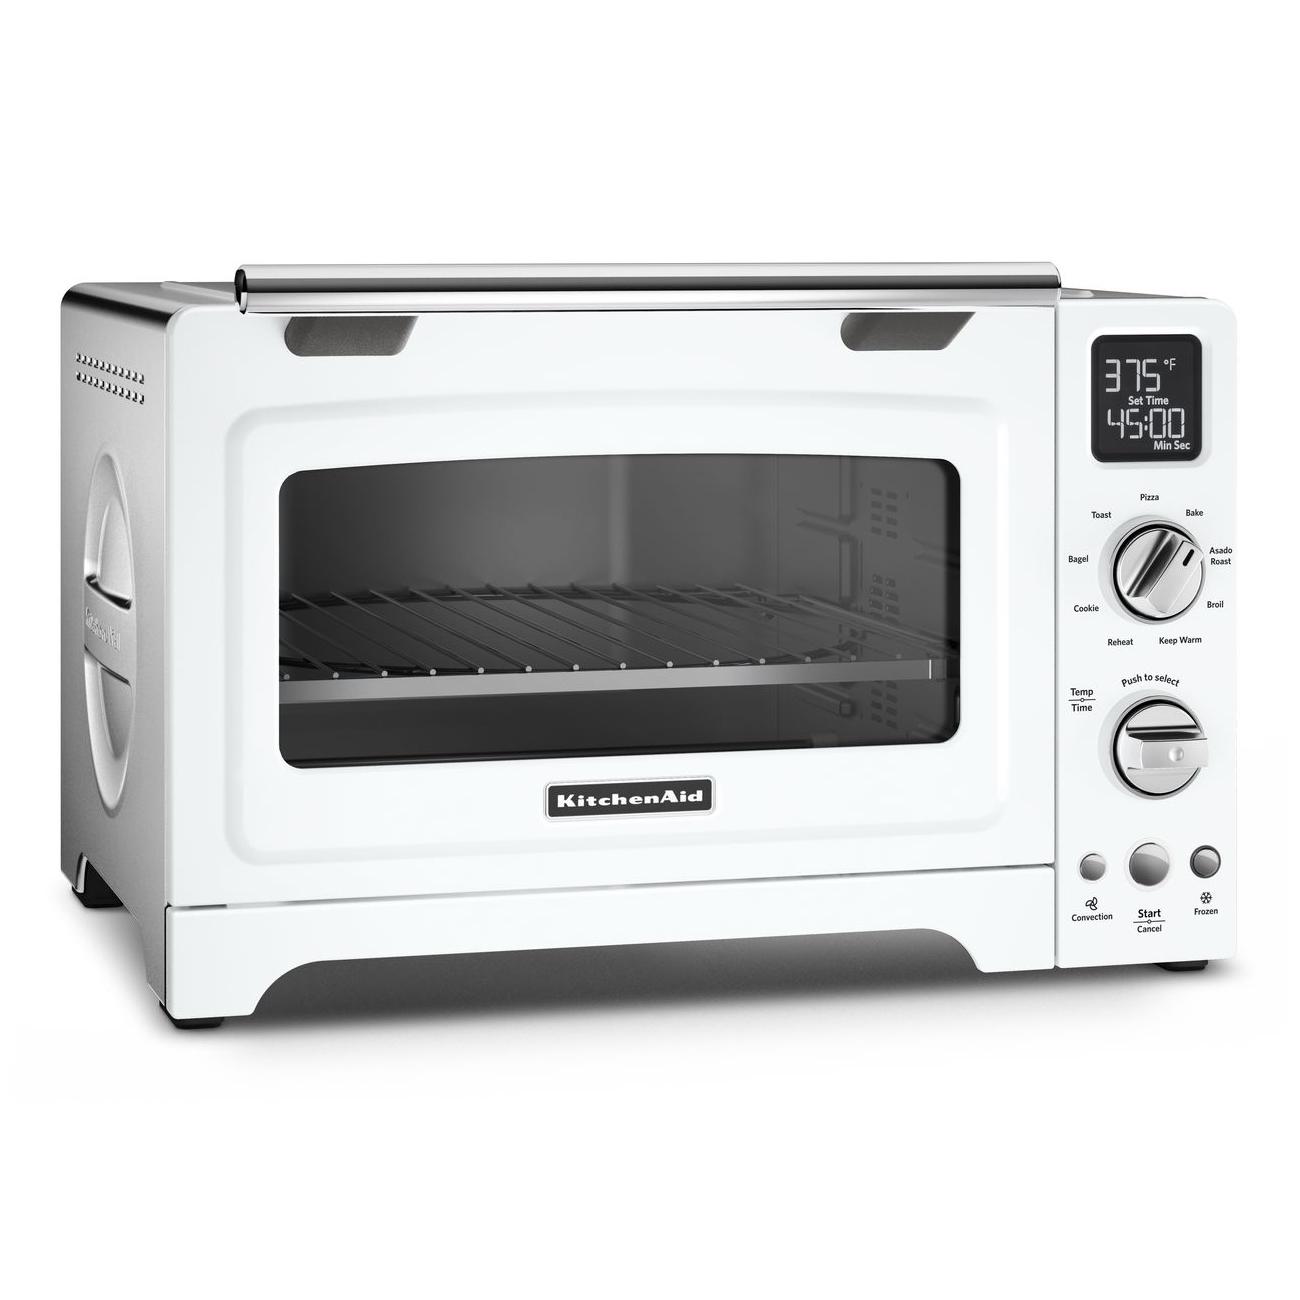 KitchenAid White Digital Convection Oven